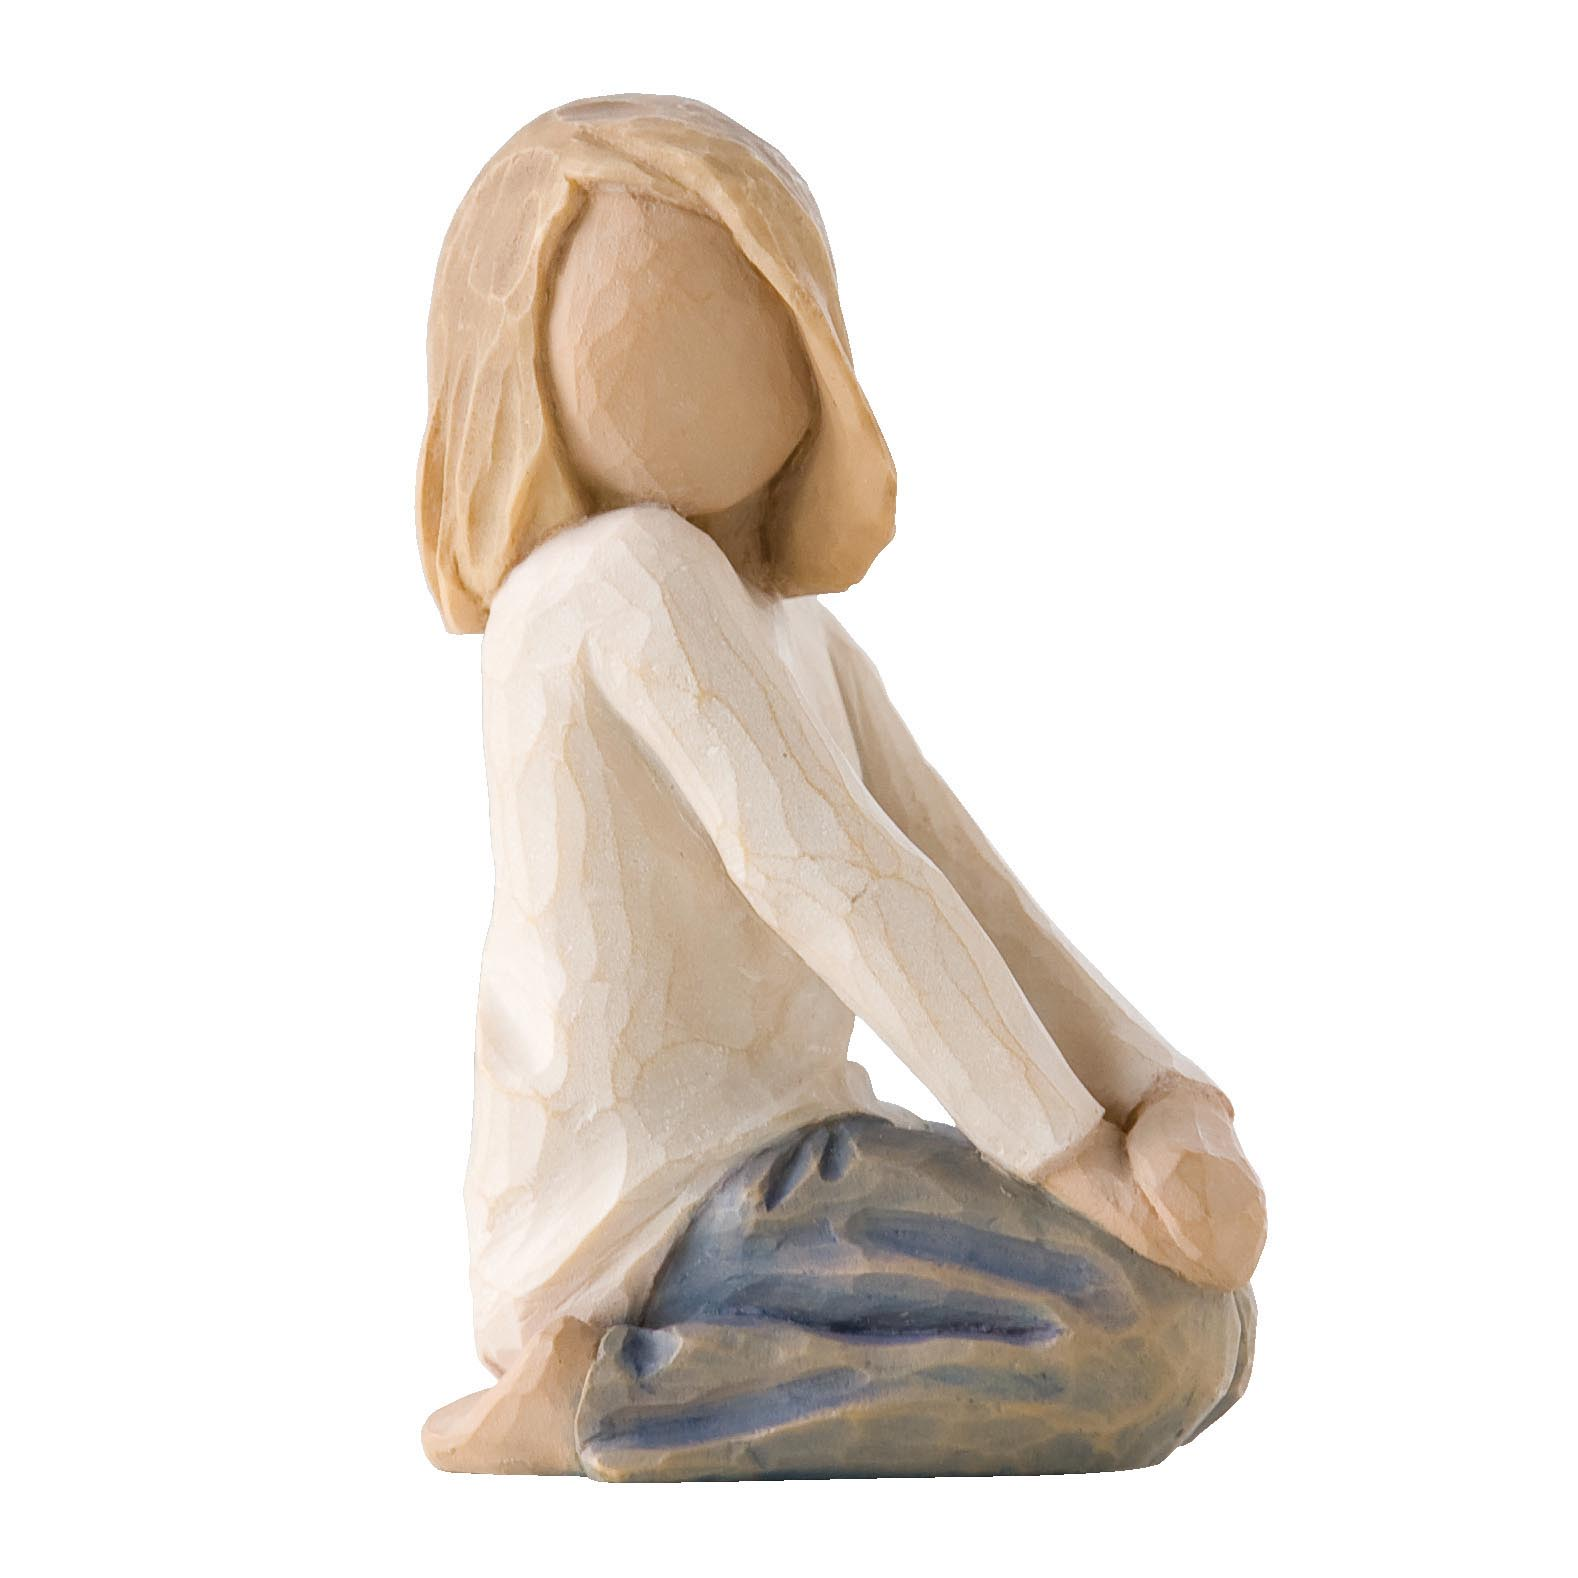 Фигурка декоративная Willow Tree статуэтка миниатюрная, интерьерная, Искусственный камень декоративная фигурка статуэтка статуэтка karavan 4104